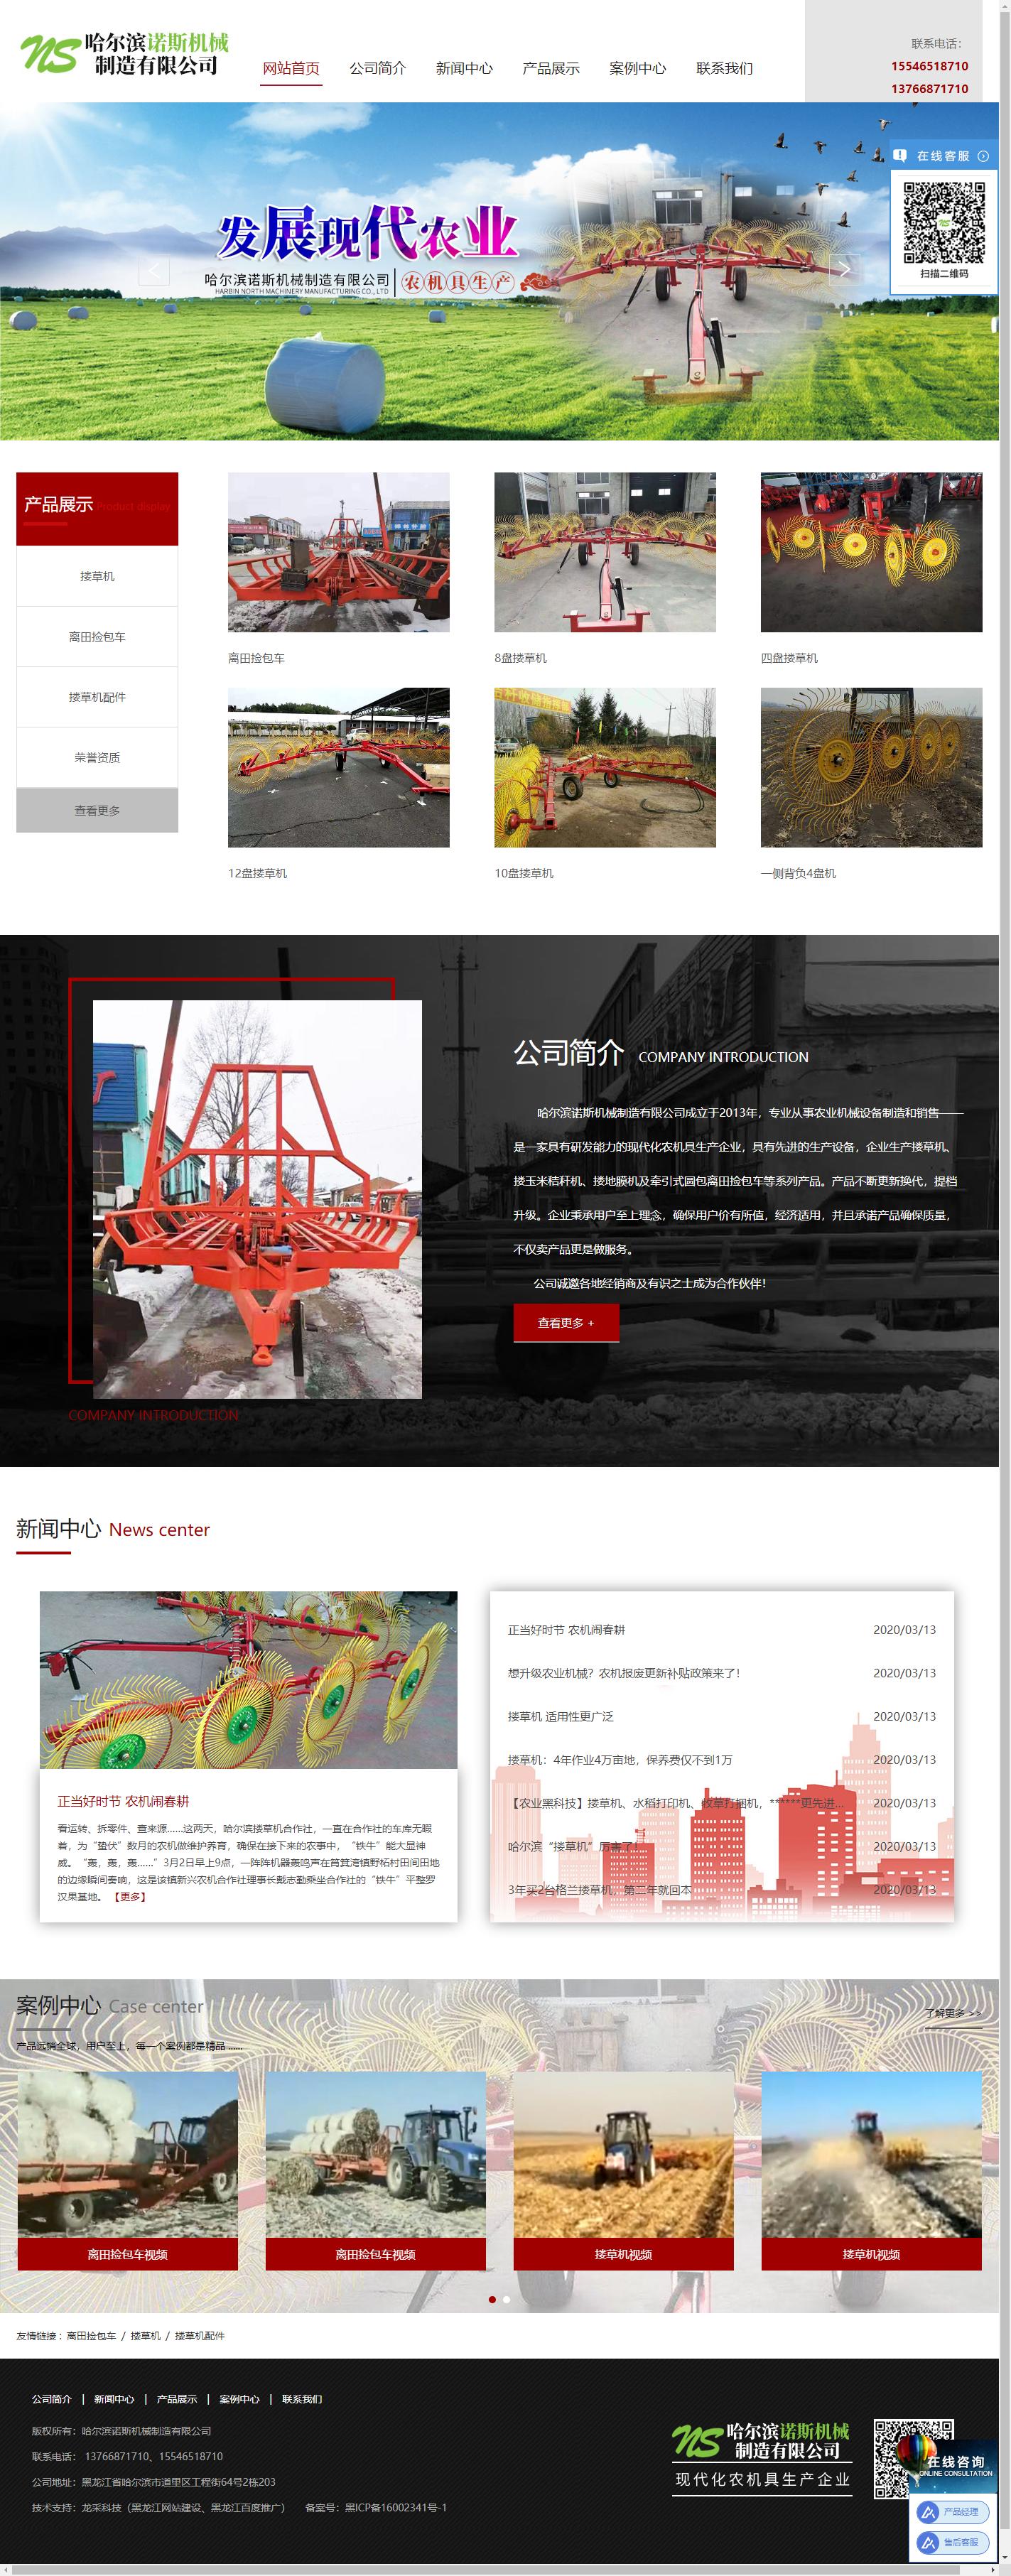 哈尔滨诺斯机械制造有限公司网站案例